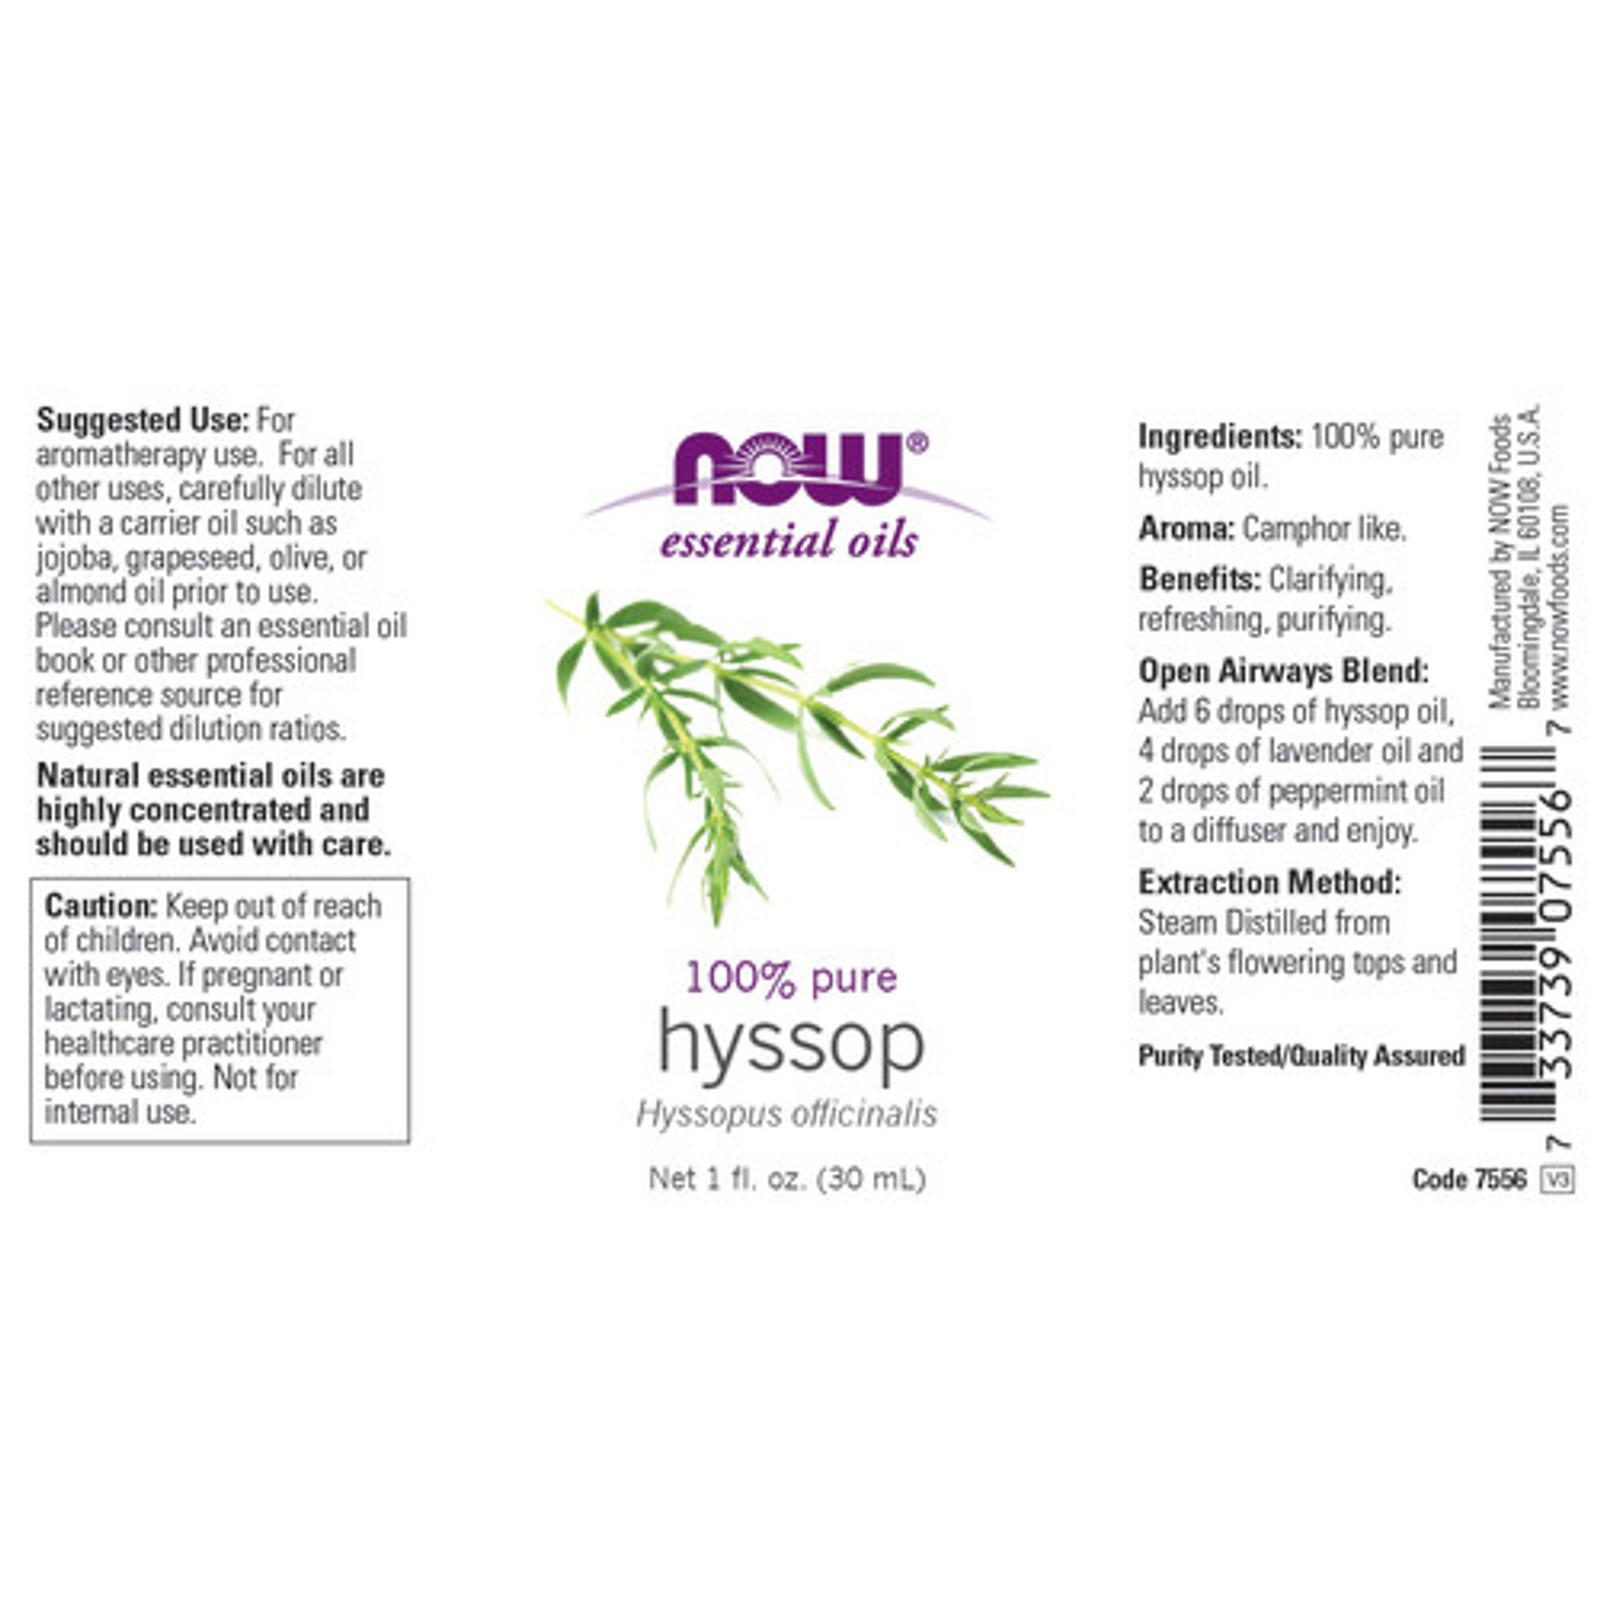 Now Foods Hyssop Product Description